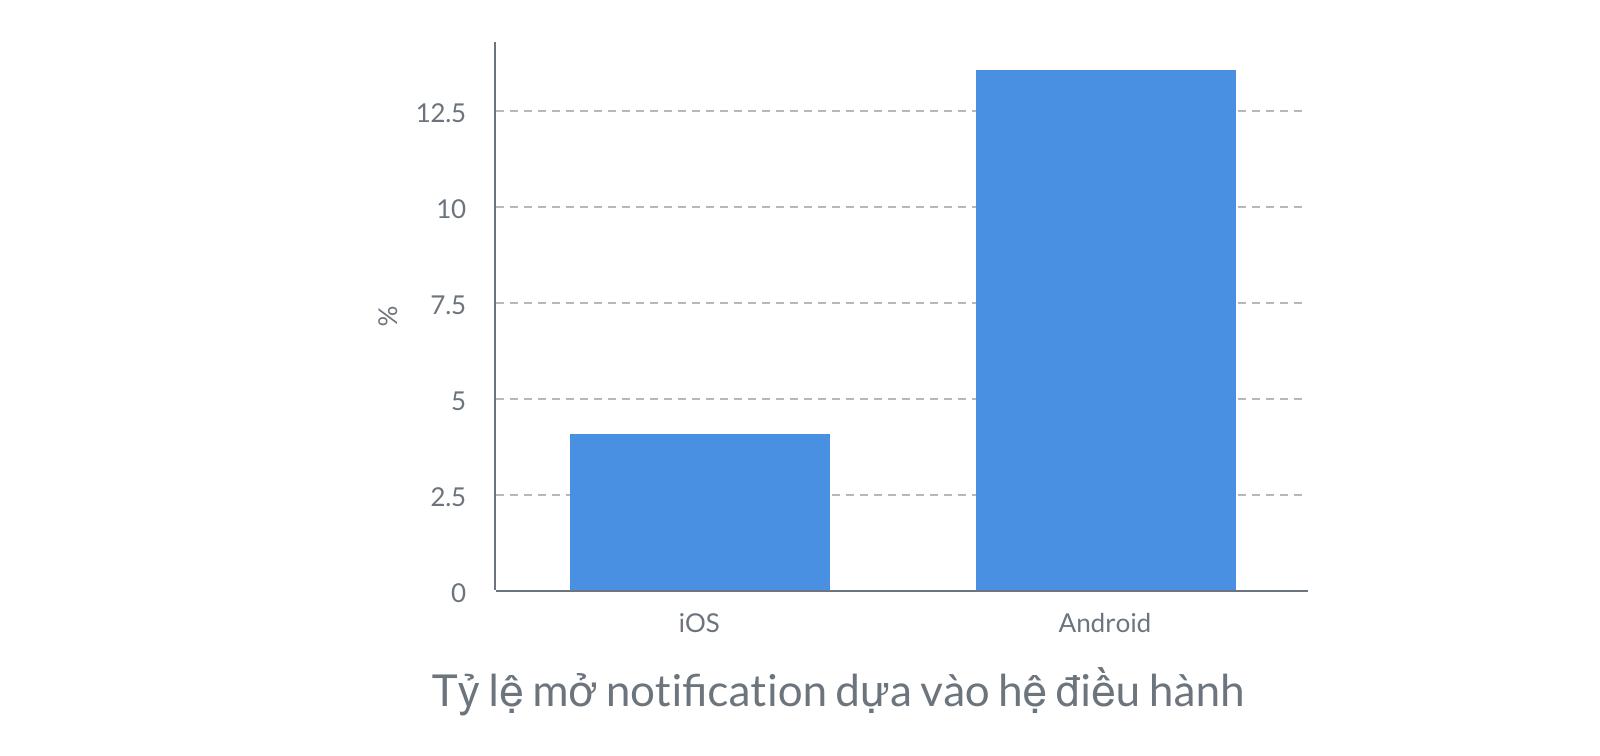 Tỷ lệ mở notification dựa vào hệ điều hành